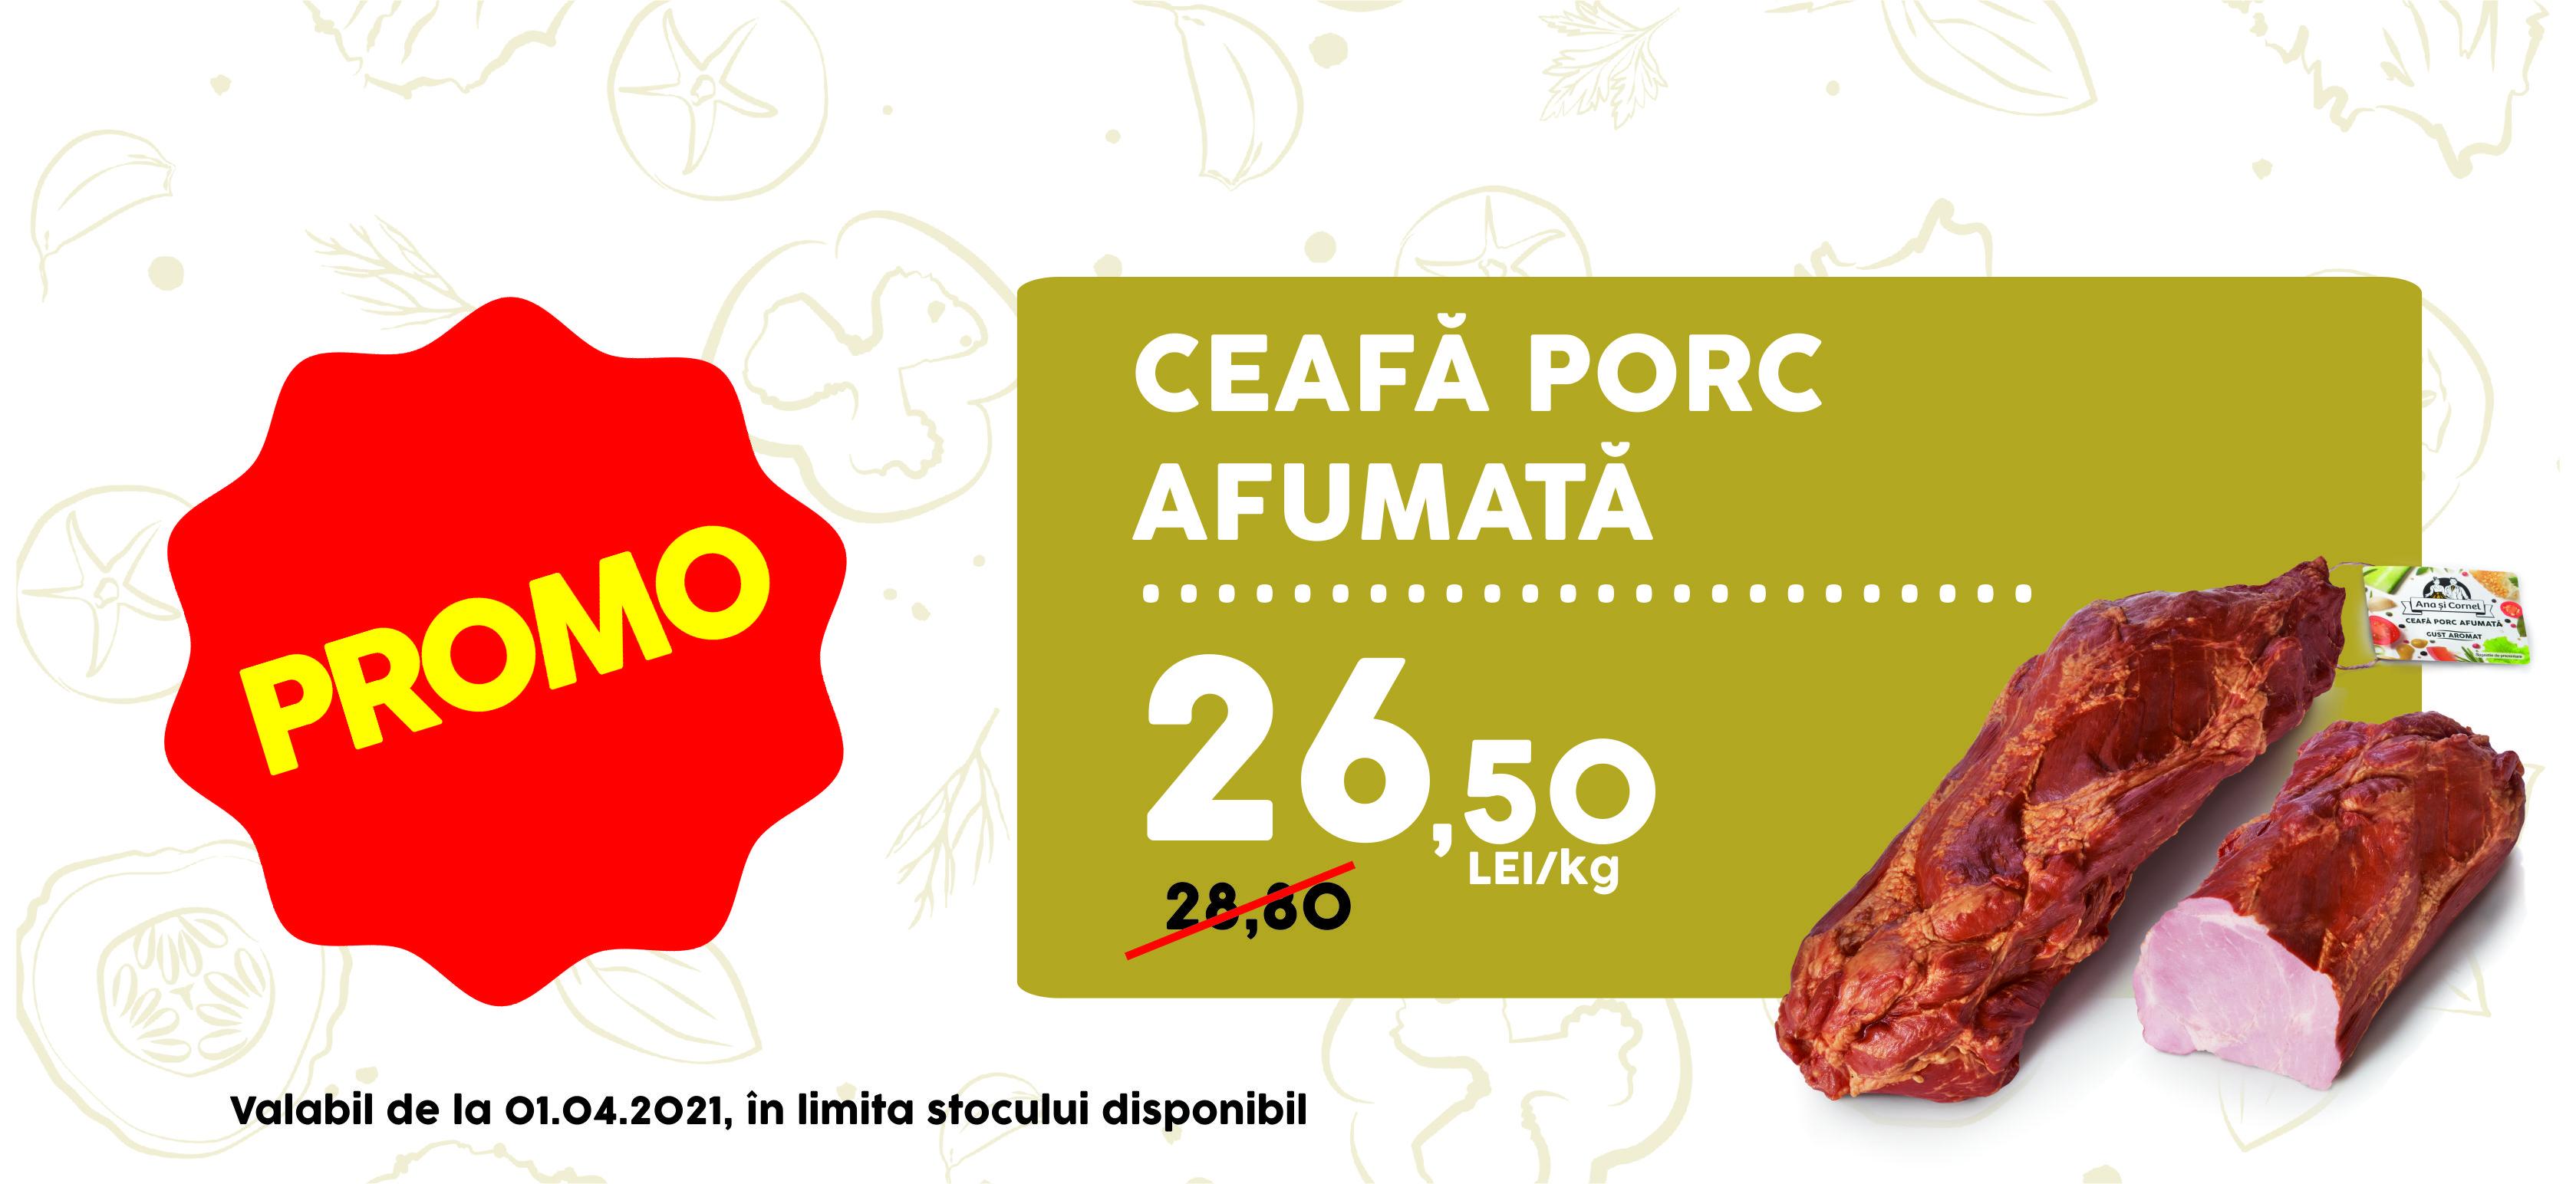 ceafa-porc-afumata